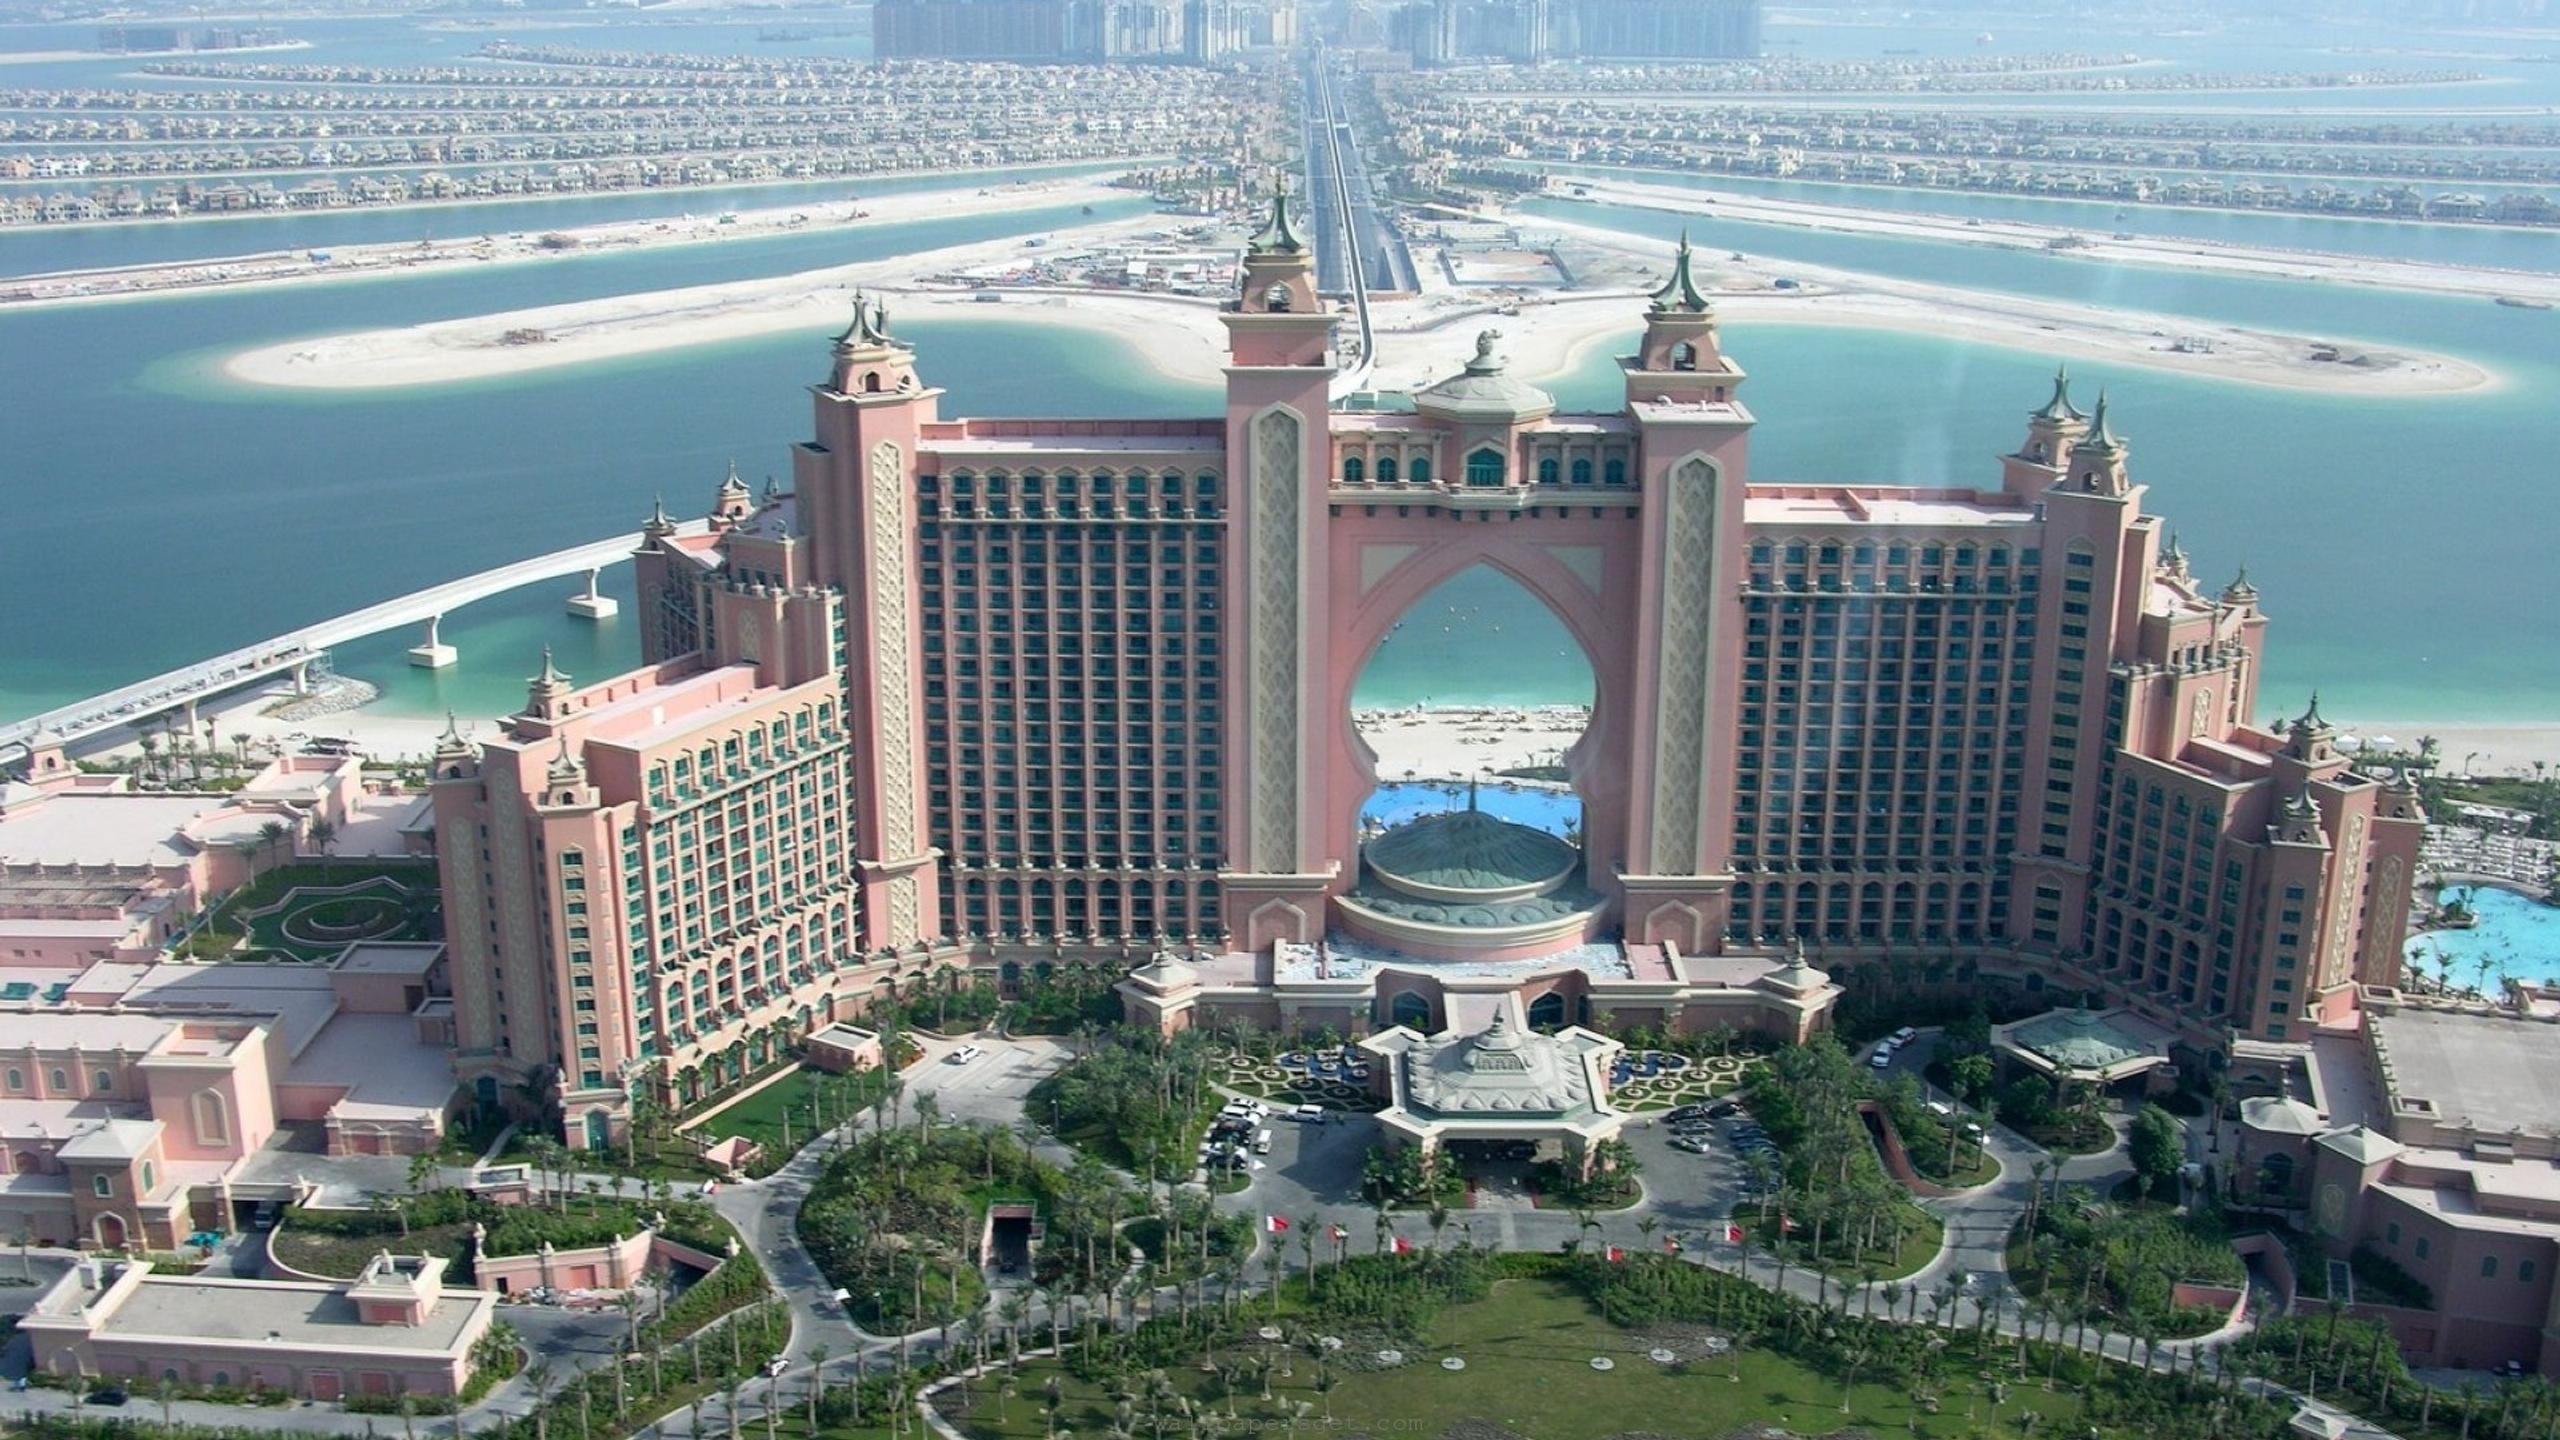 Architecture: Dubai Building HD Wallpaper Download 2560x1440